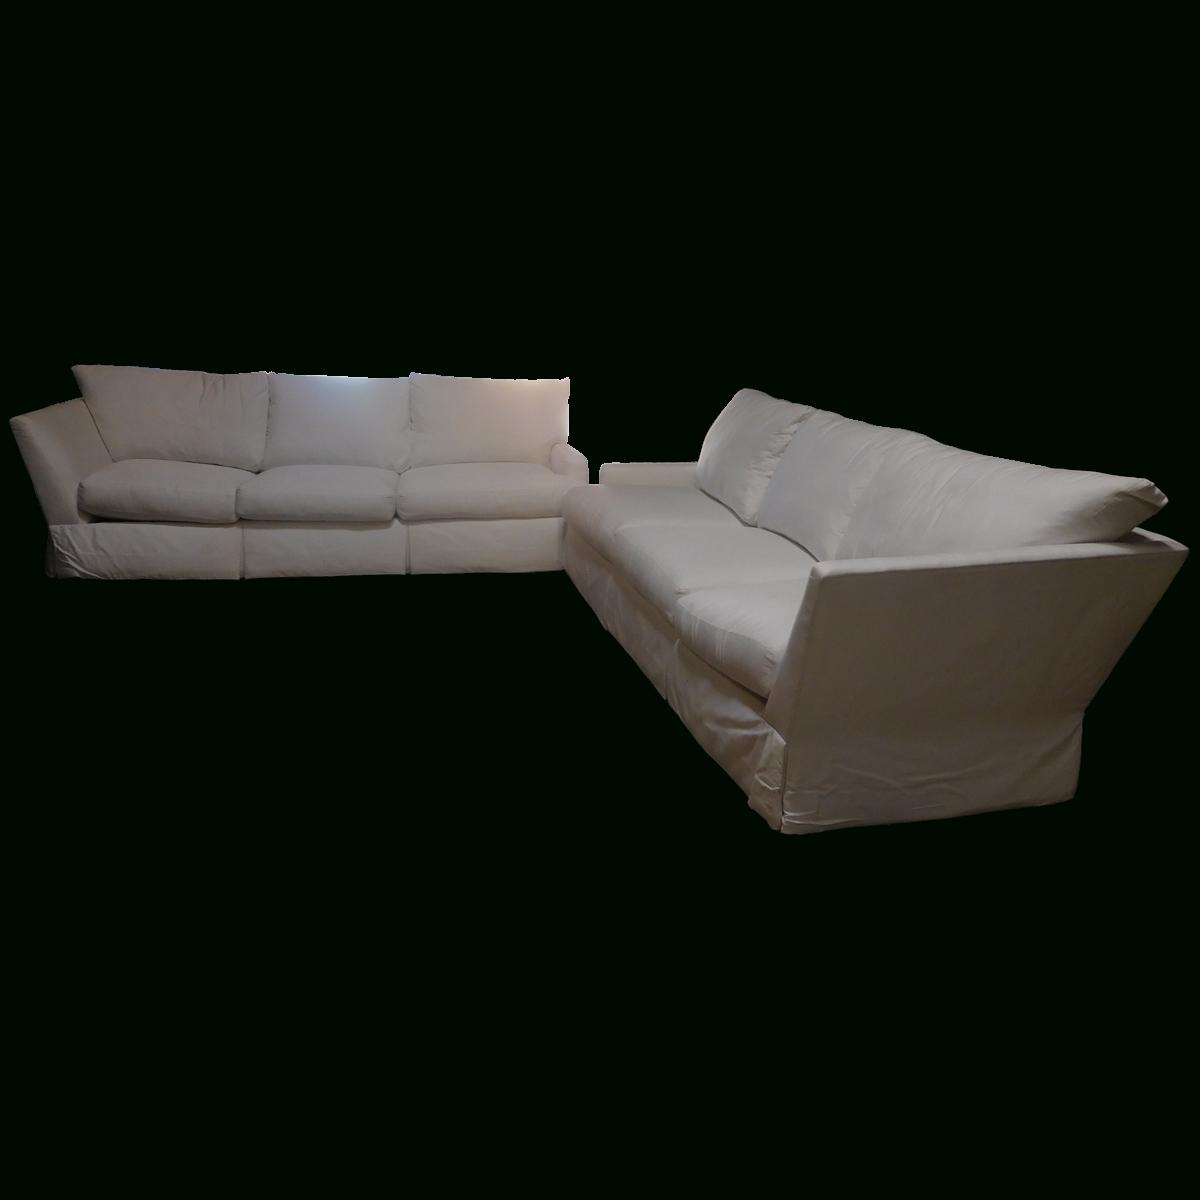 viyet designer furniture seating lee industries inside lee industries sectional sofa - Lee Industries Sofa